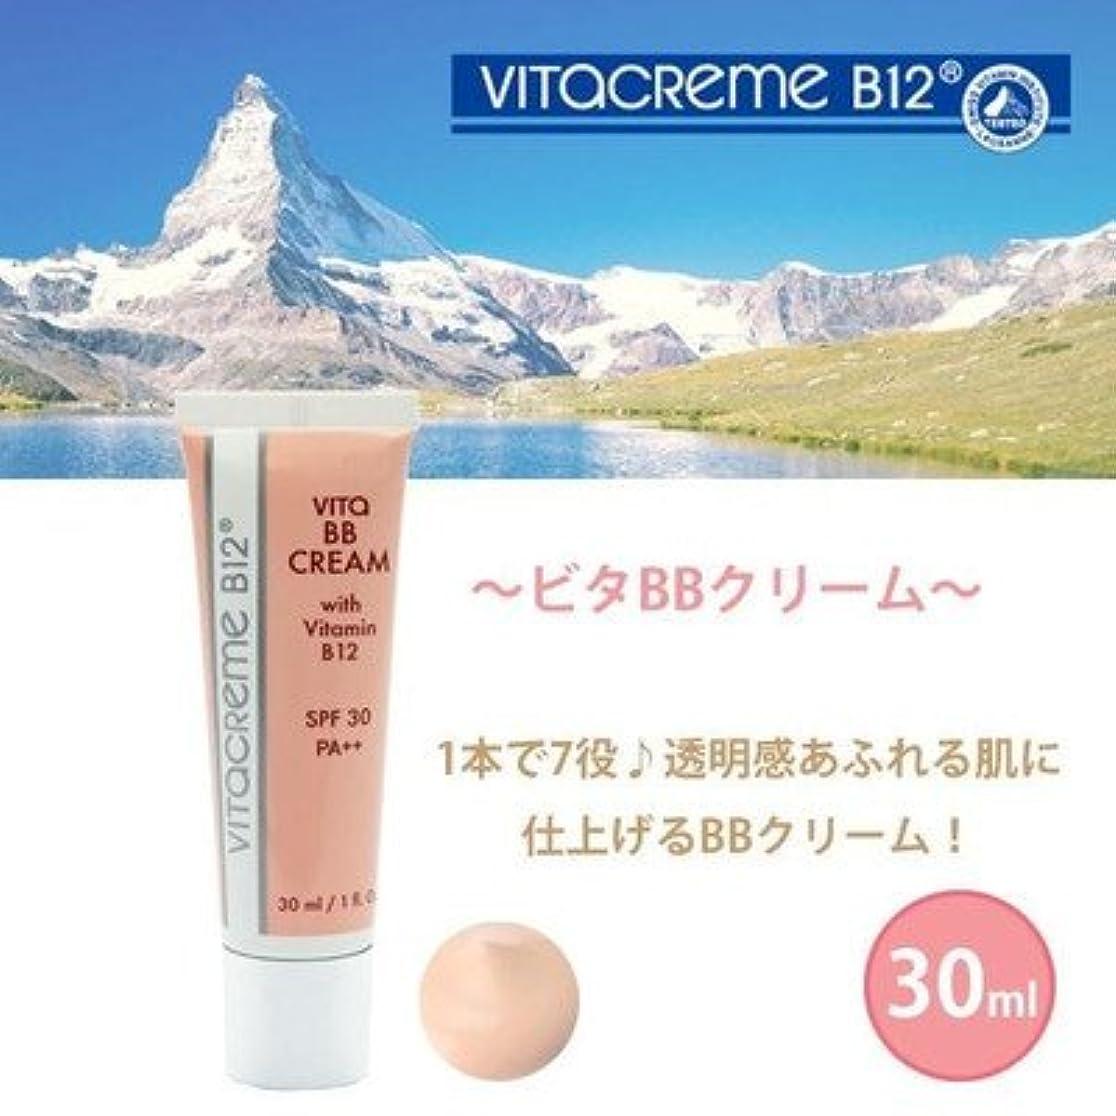 背骨病な地下透明感のある艶やかなお肌に ビタBBクリーム 30ml 正規品 VTB238